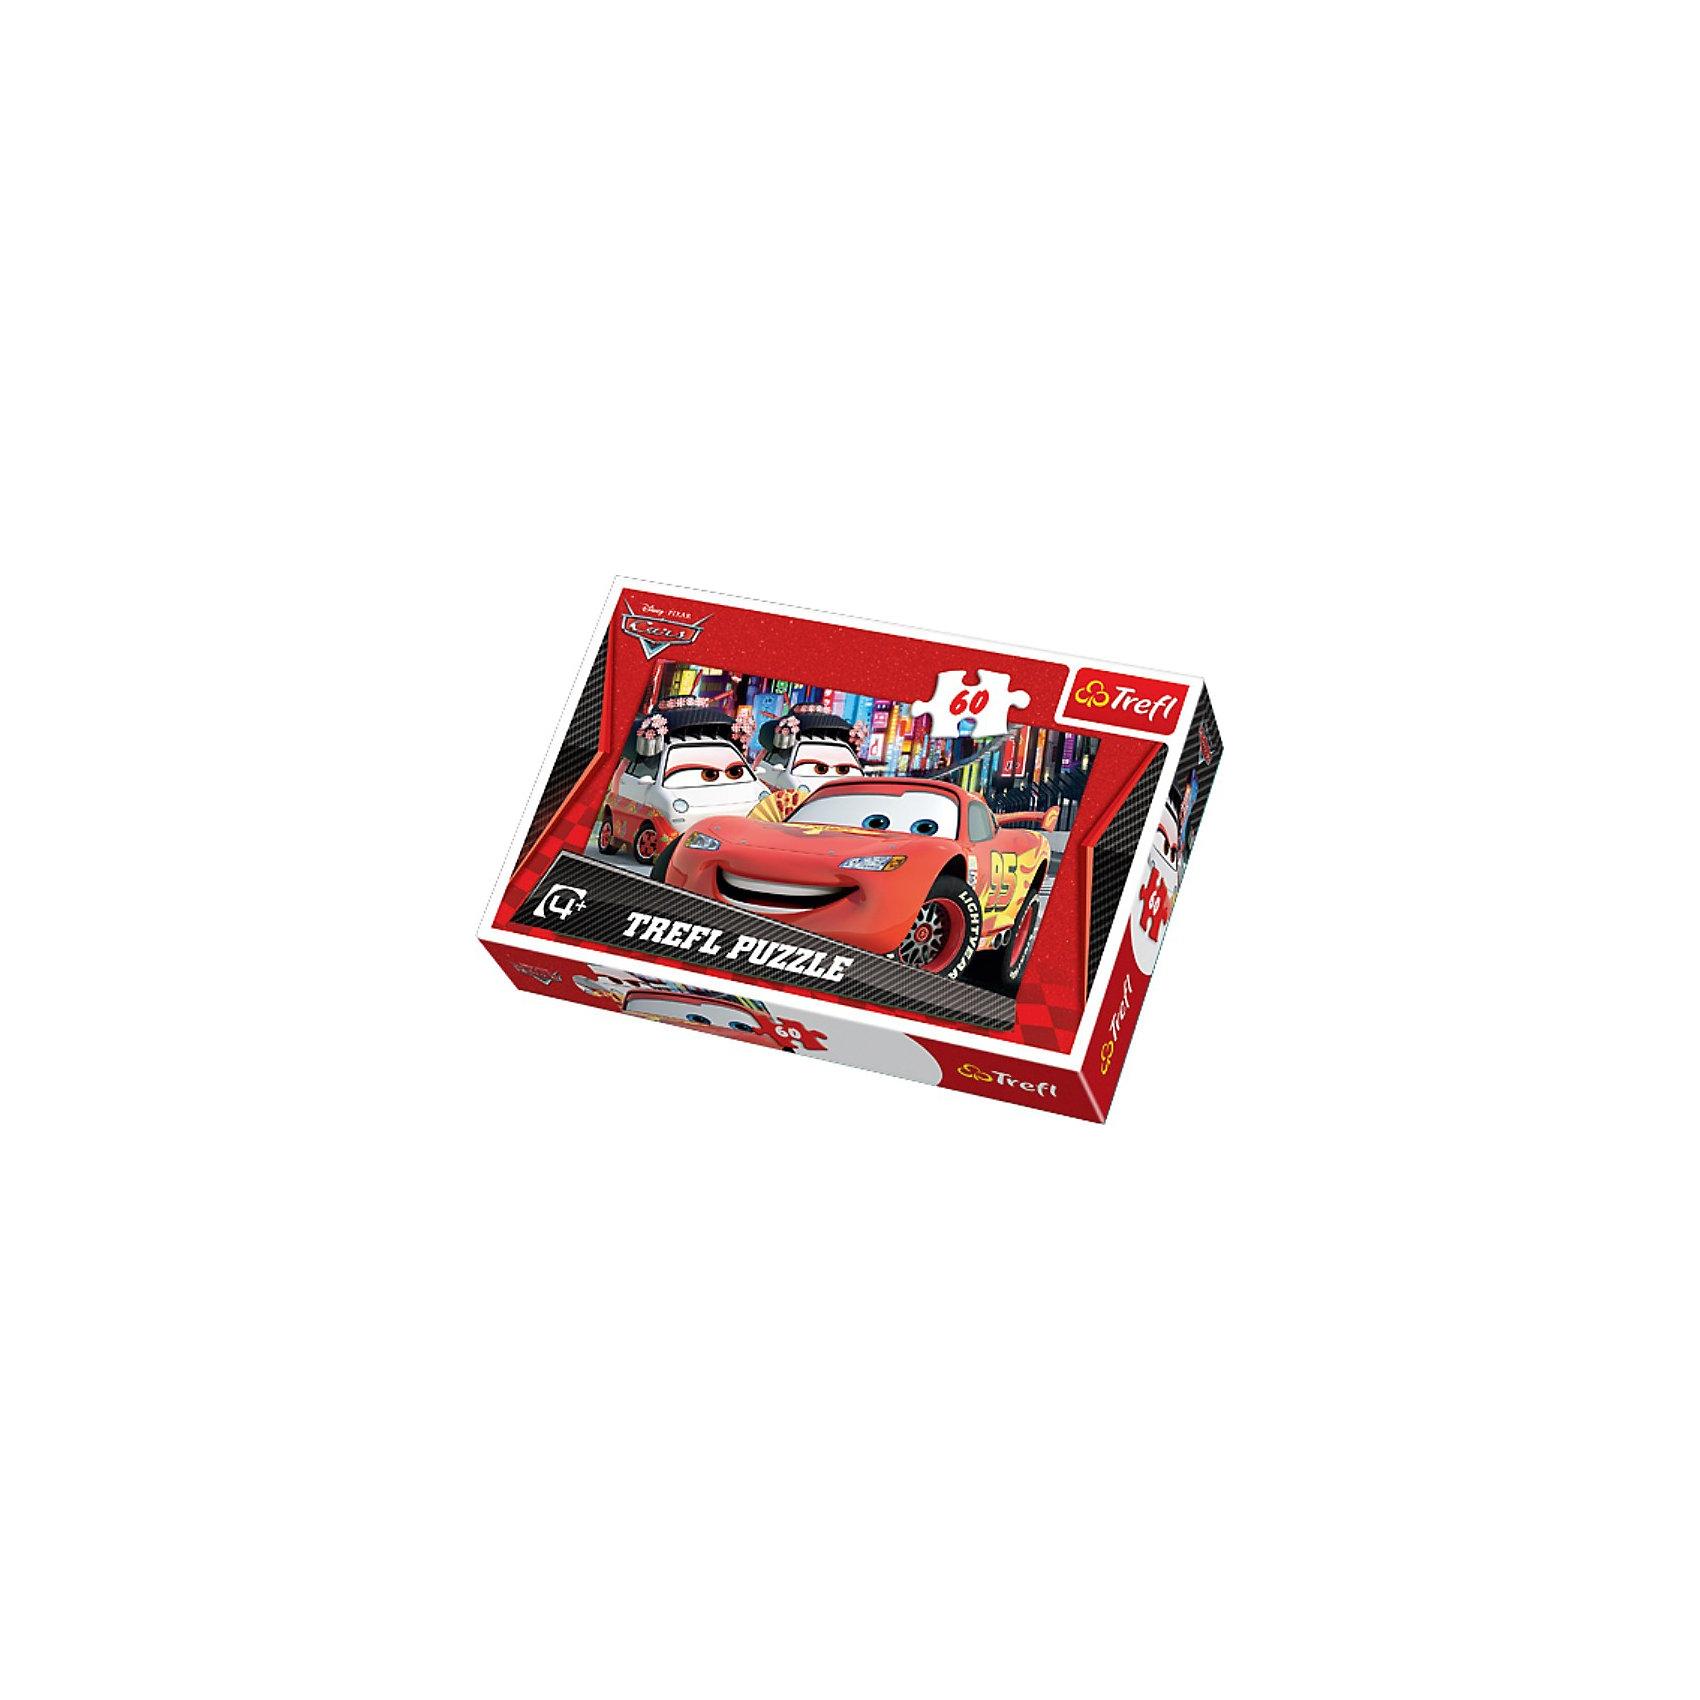 Пазлы Токио, 60 элементов, TreflПазлы для малышей<br>Пазл «Токио» подойдет для каждого маленького любителя головоломок и поклонника красного гоночного автомобиля Молнии Маккуина из мультфильма «Тачки». На картинке изображен популярный герой, гуляющий по улицам Японского города Токио, а за его спиной красуются небольшие японские машинки, которые без ума от этого очаровательного гонщика. Пазл выполнен из качественных и безопасных материалов, не токсичный и противоаллергенный. <br>Размер готового пазла: 32х22 см.<br>Количество элементов: 60 шт.<br>Для детей от 4 лет.<br><br>Ширина мм: 214<br>Глубина мм: 147<br>Высота мм: 40<br>Вес г: 192<br>Возраст от месяцев: 60<br>Возраст до месяцев: 84<br>Пол: Мужской<br>Возраст: Детский<br>Количество деталей: 60<br>SKU: 3705647